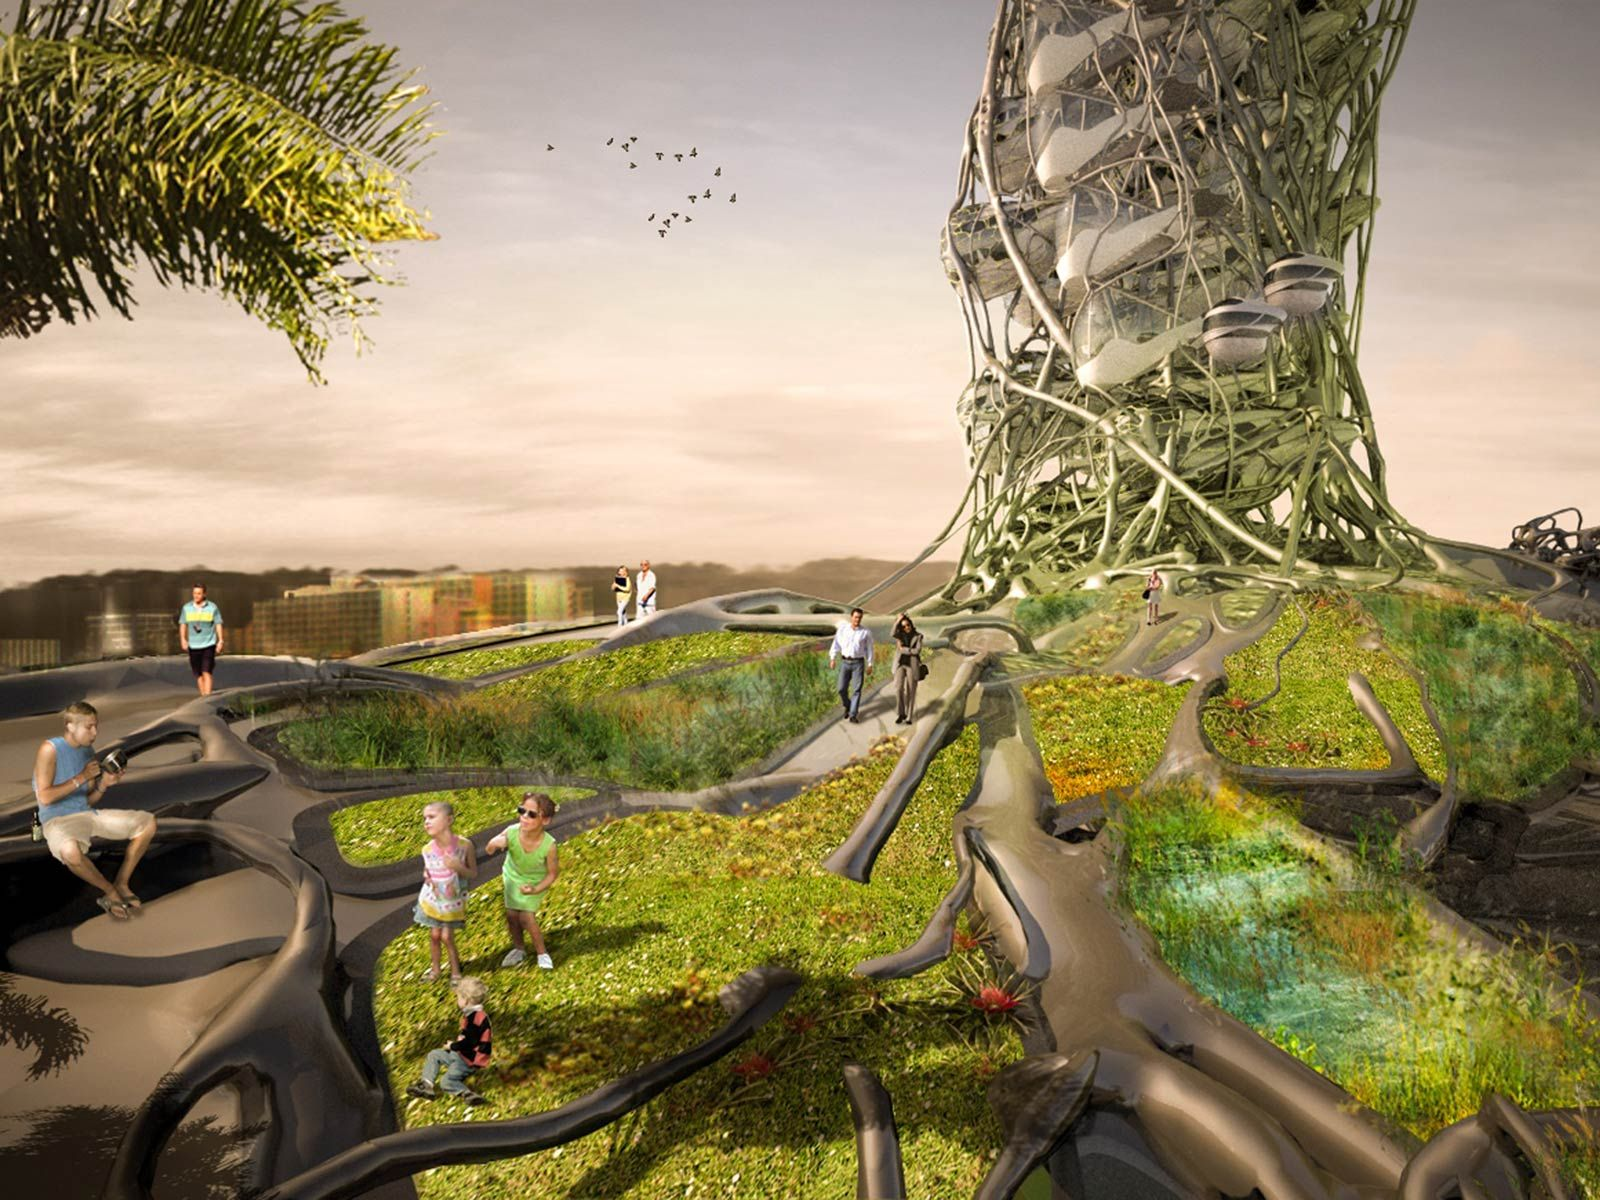 Suspensos, flutuantes e aéreos: veja hotéis do futuro